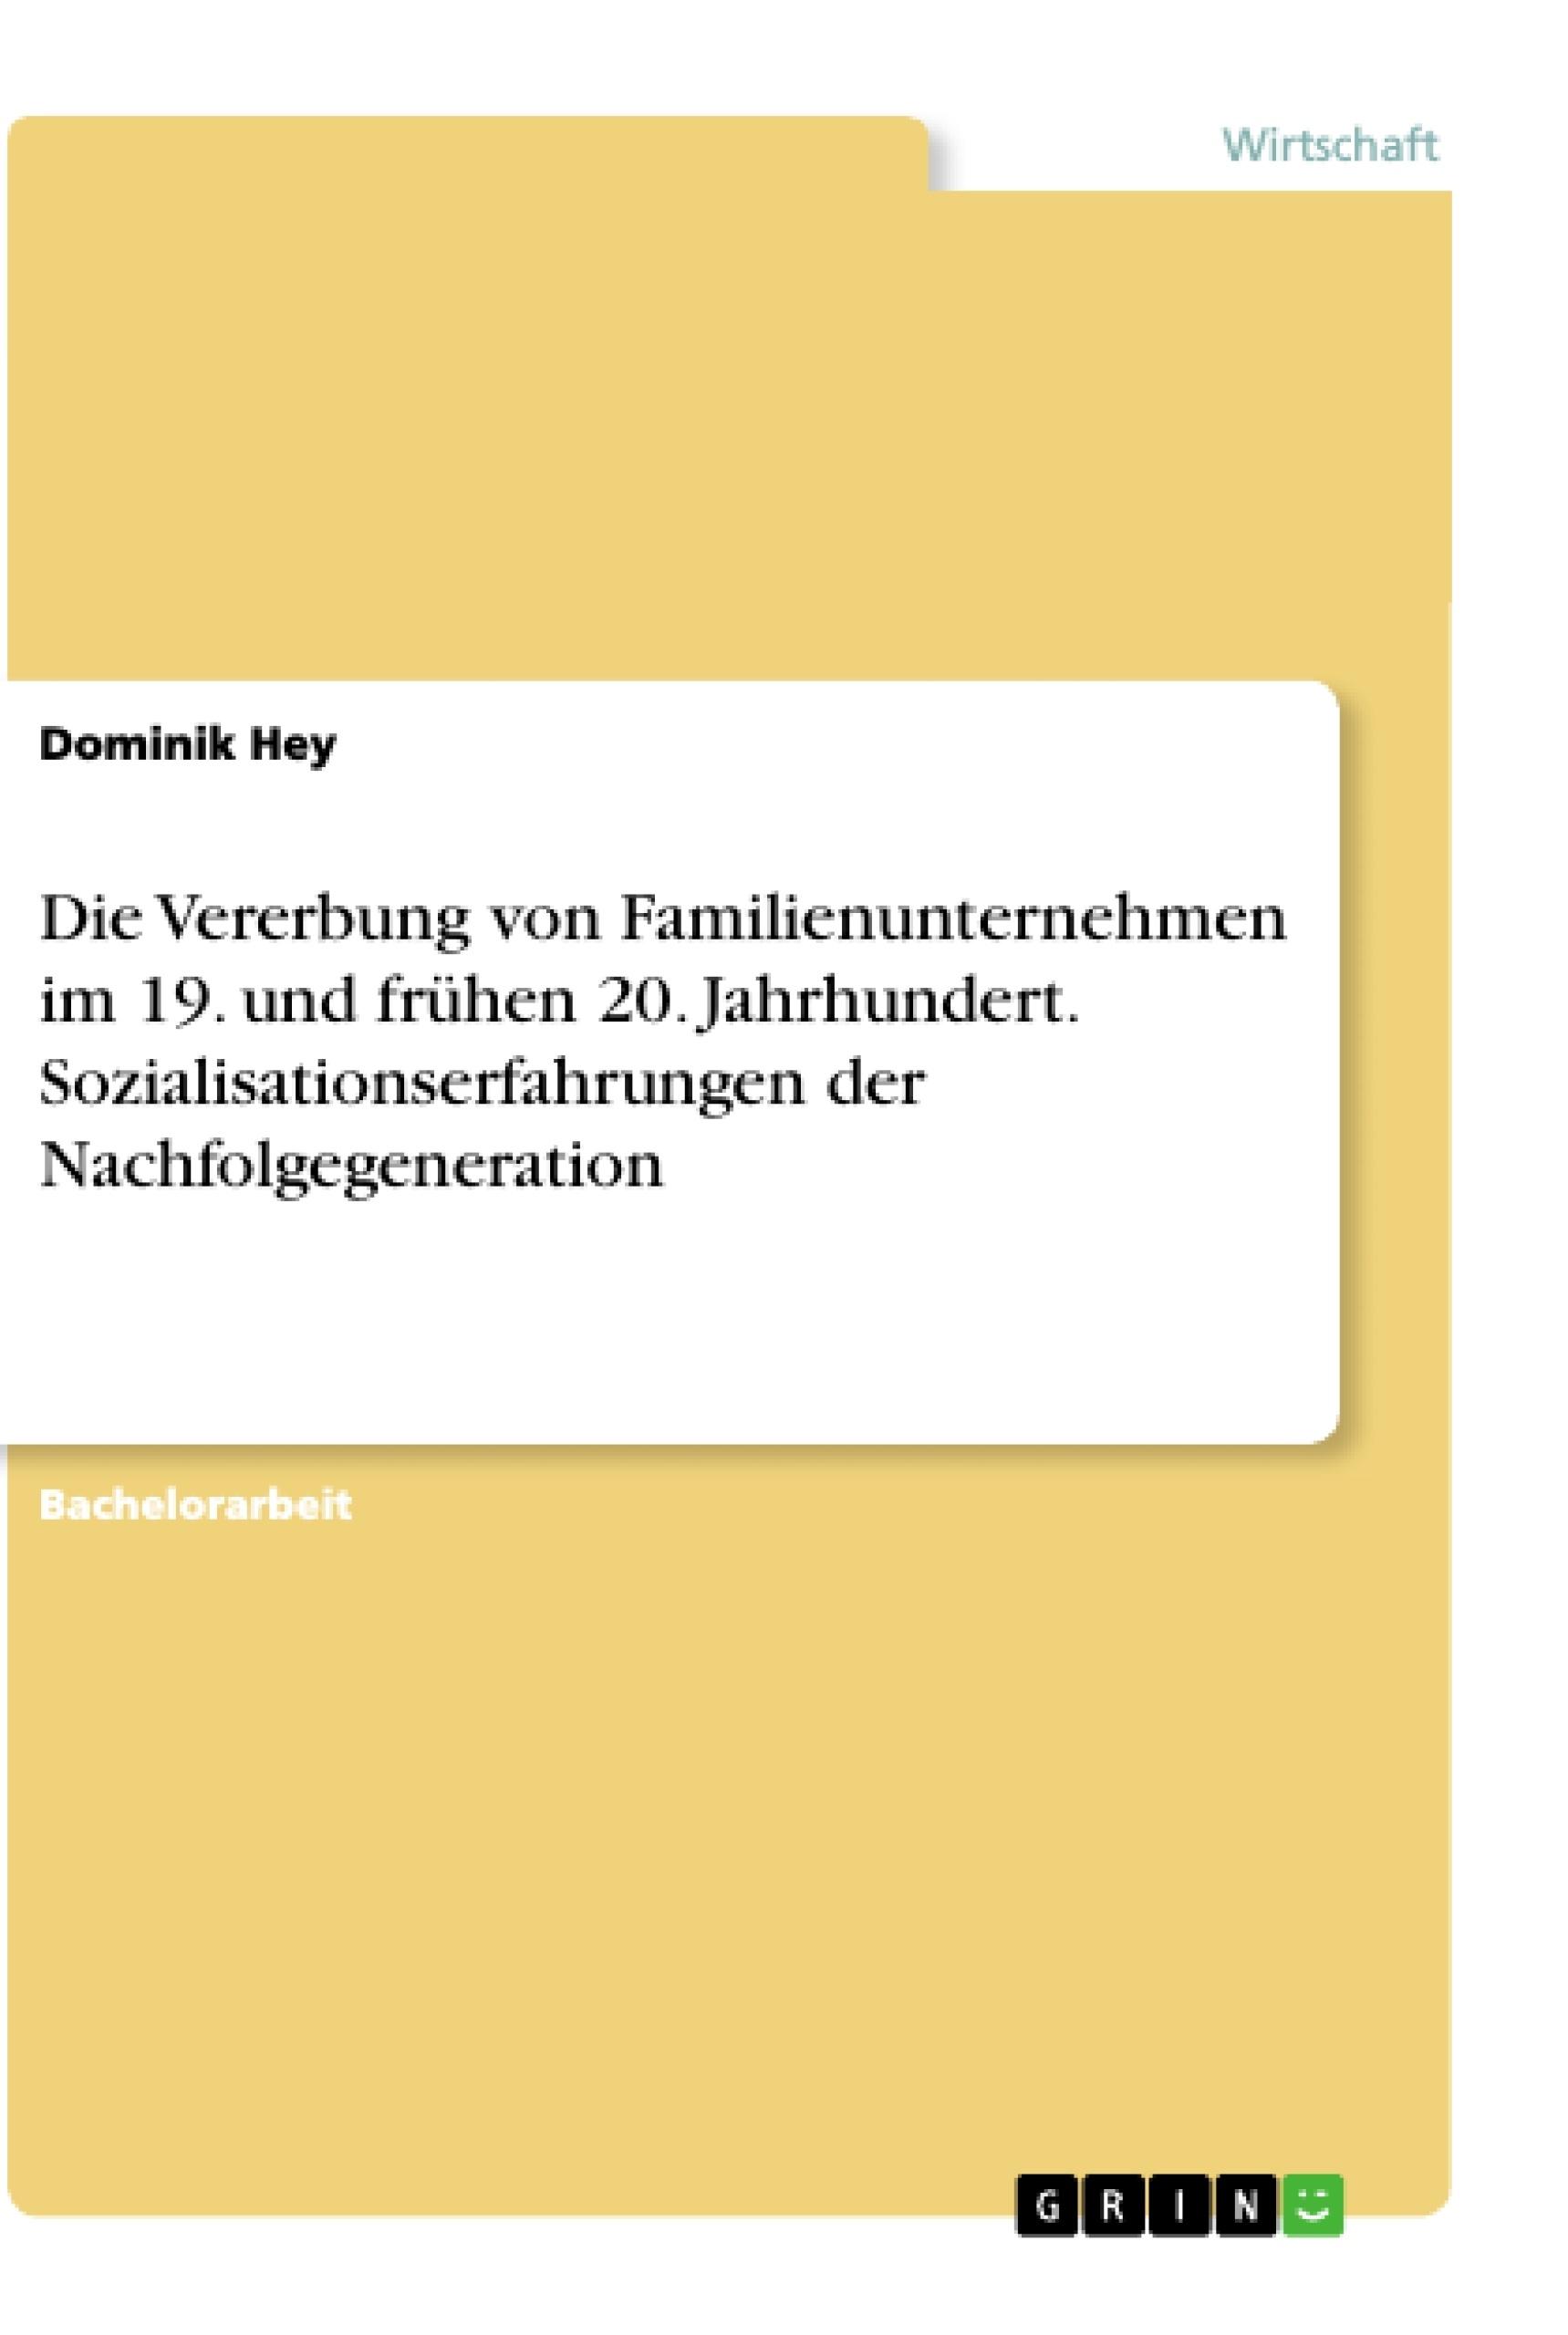 Titel: Die Vererbung von Familienunternehmen im 19. und frühen 20. Jahrhundert. Sozialisationserfahrungen der Nachfolgegeneration